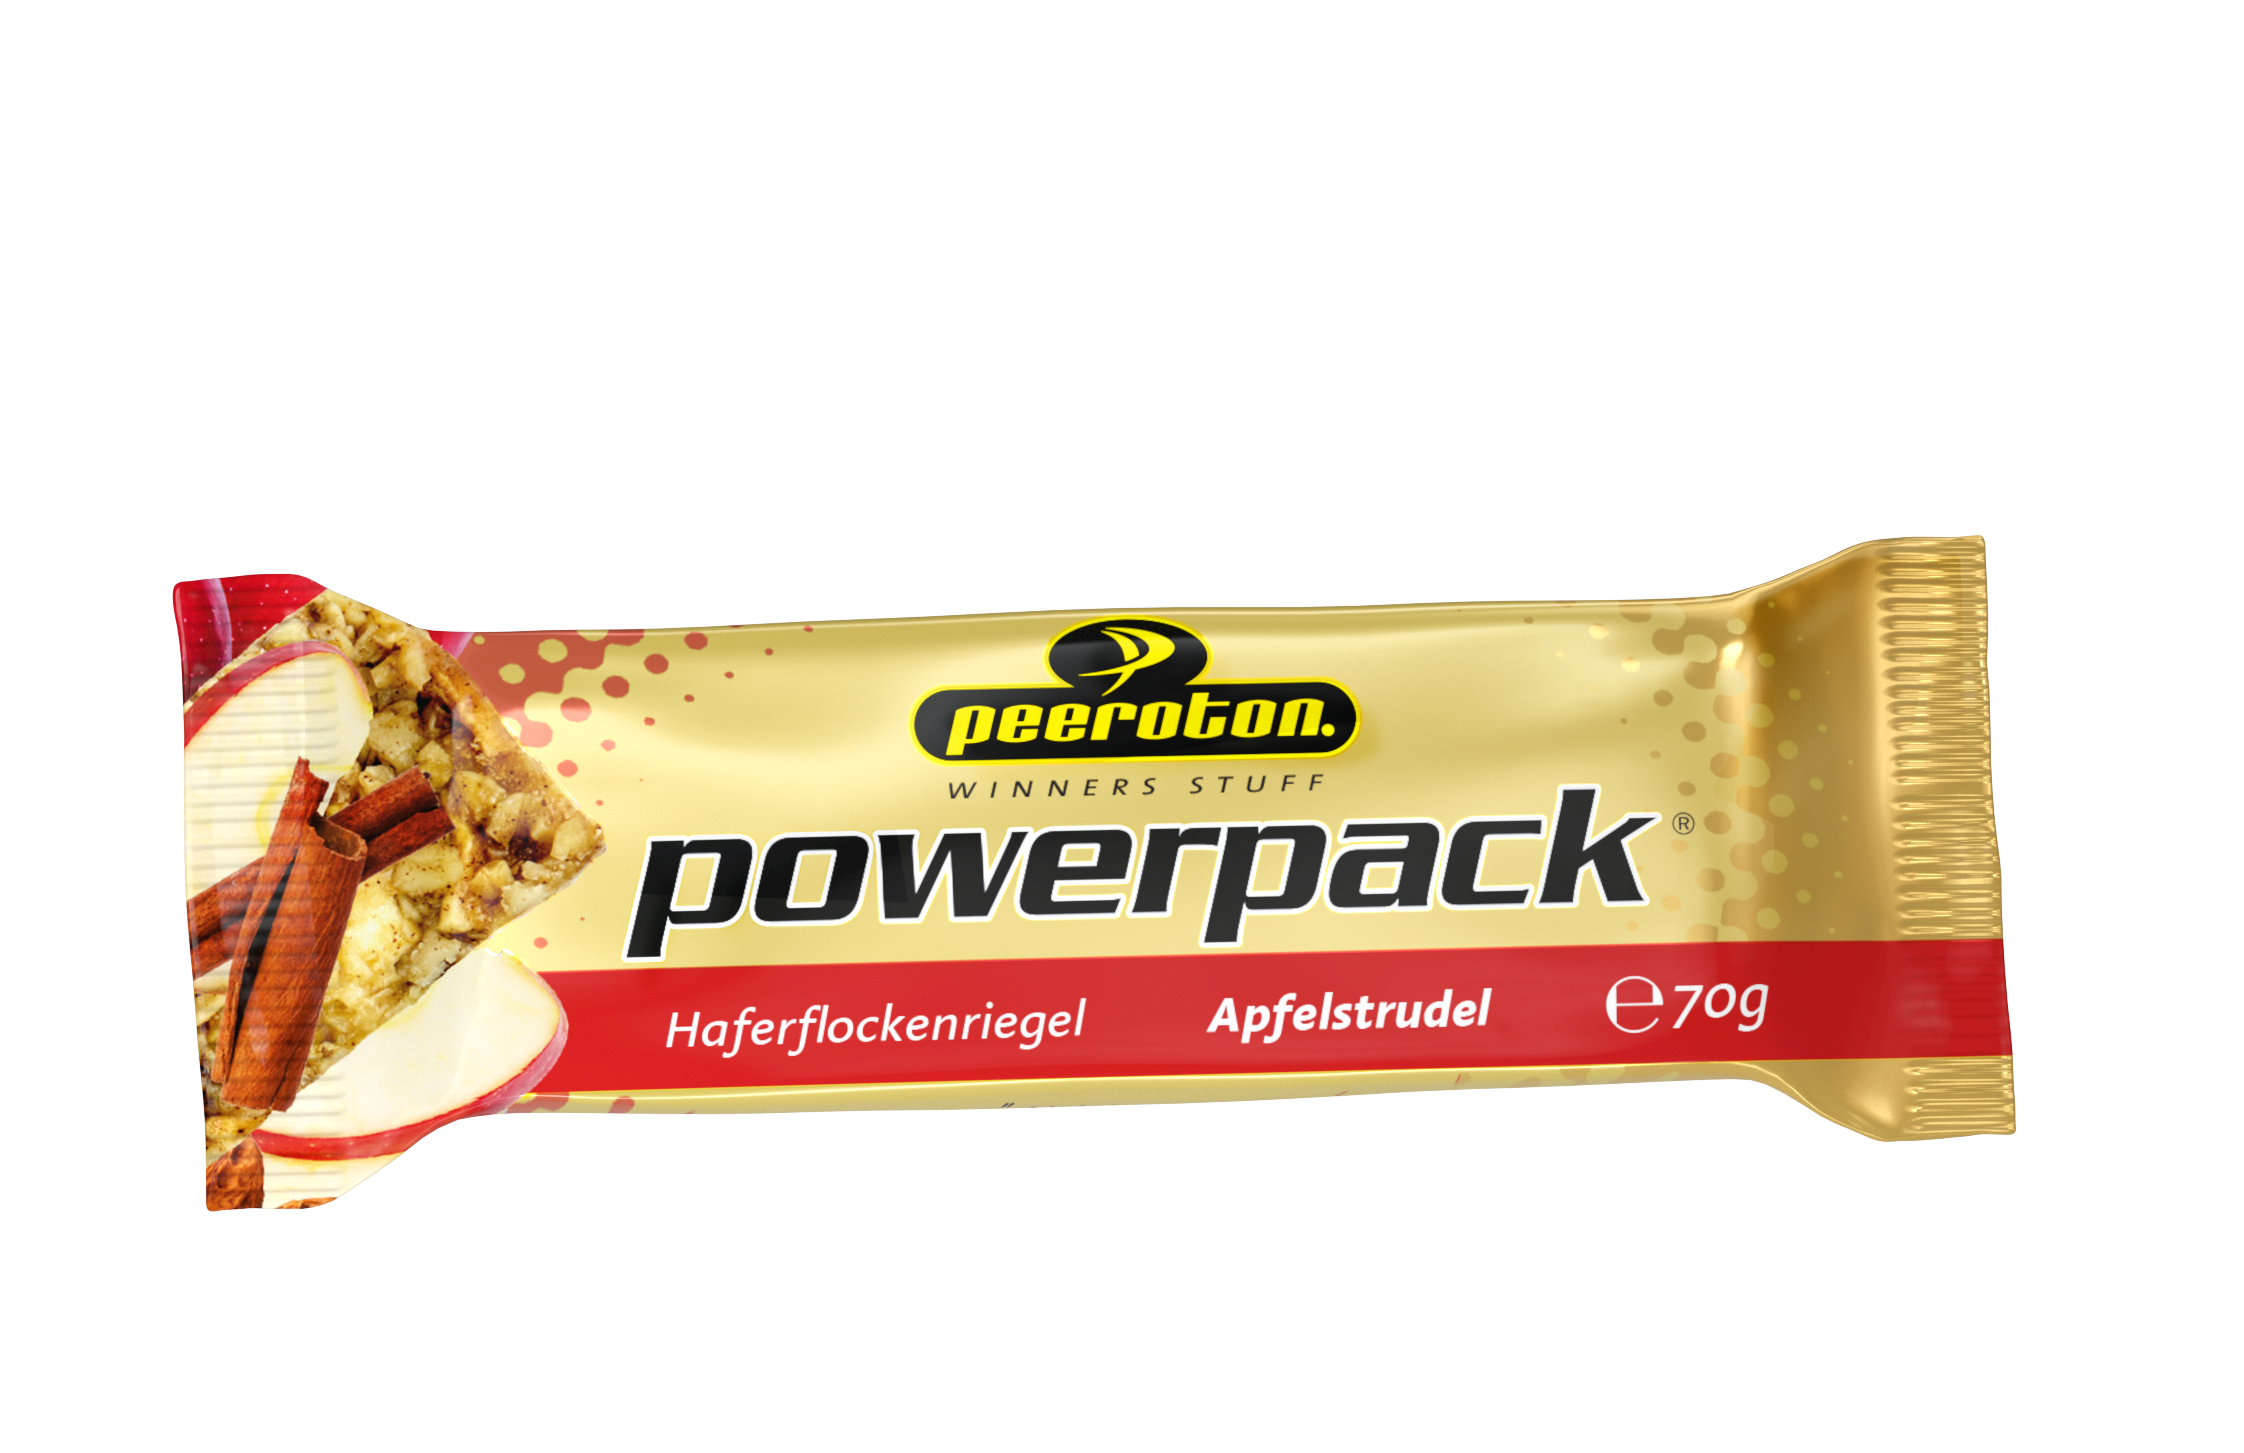 Peeroton POWERPACK Riegel 70g Apfelstrudel, 12 + 3 Gratis